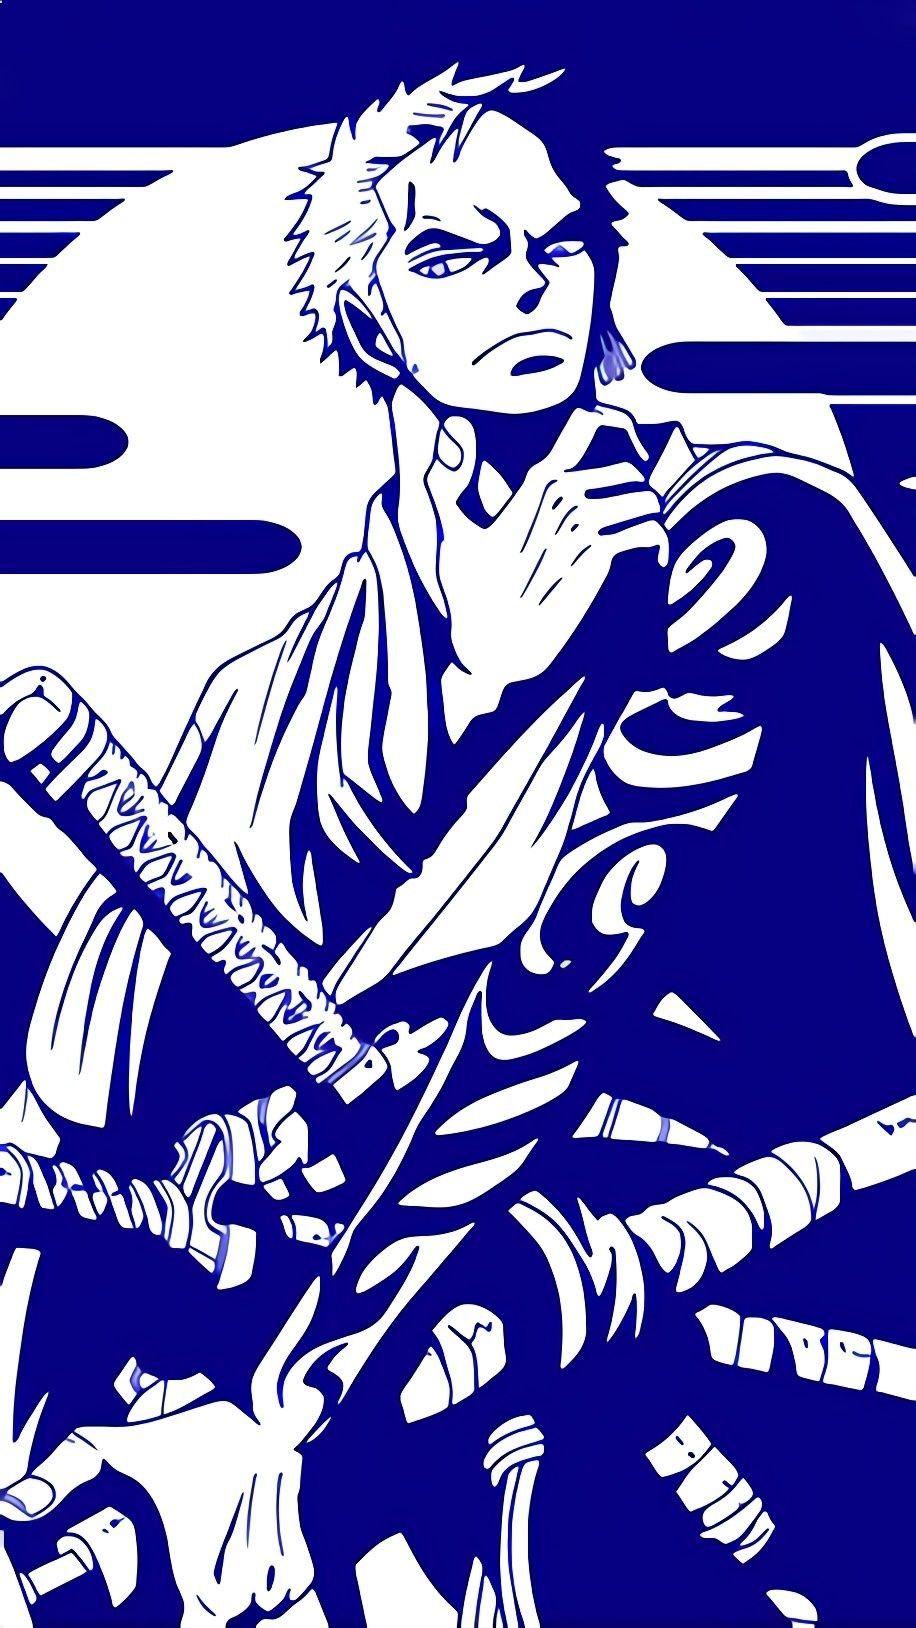 Imagenes Chistosas Masturbador Ninja 切り絵 アニメ Onepiece